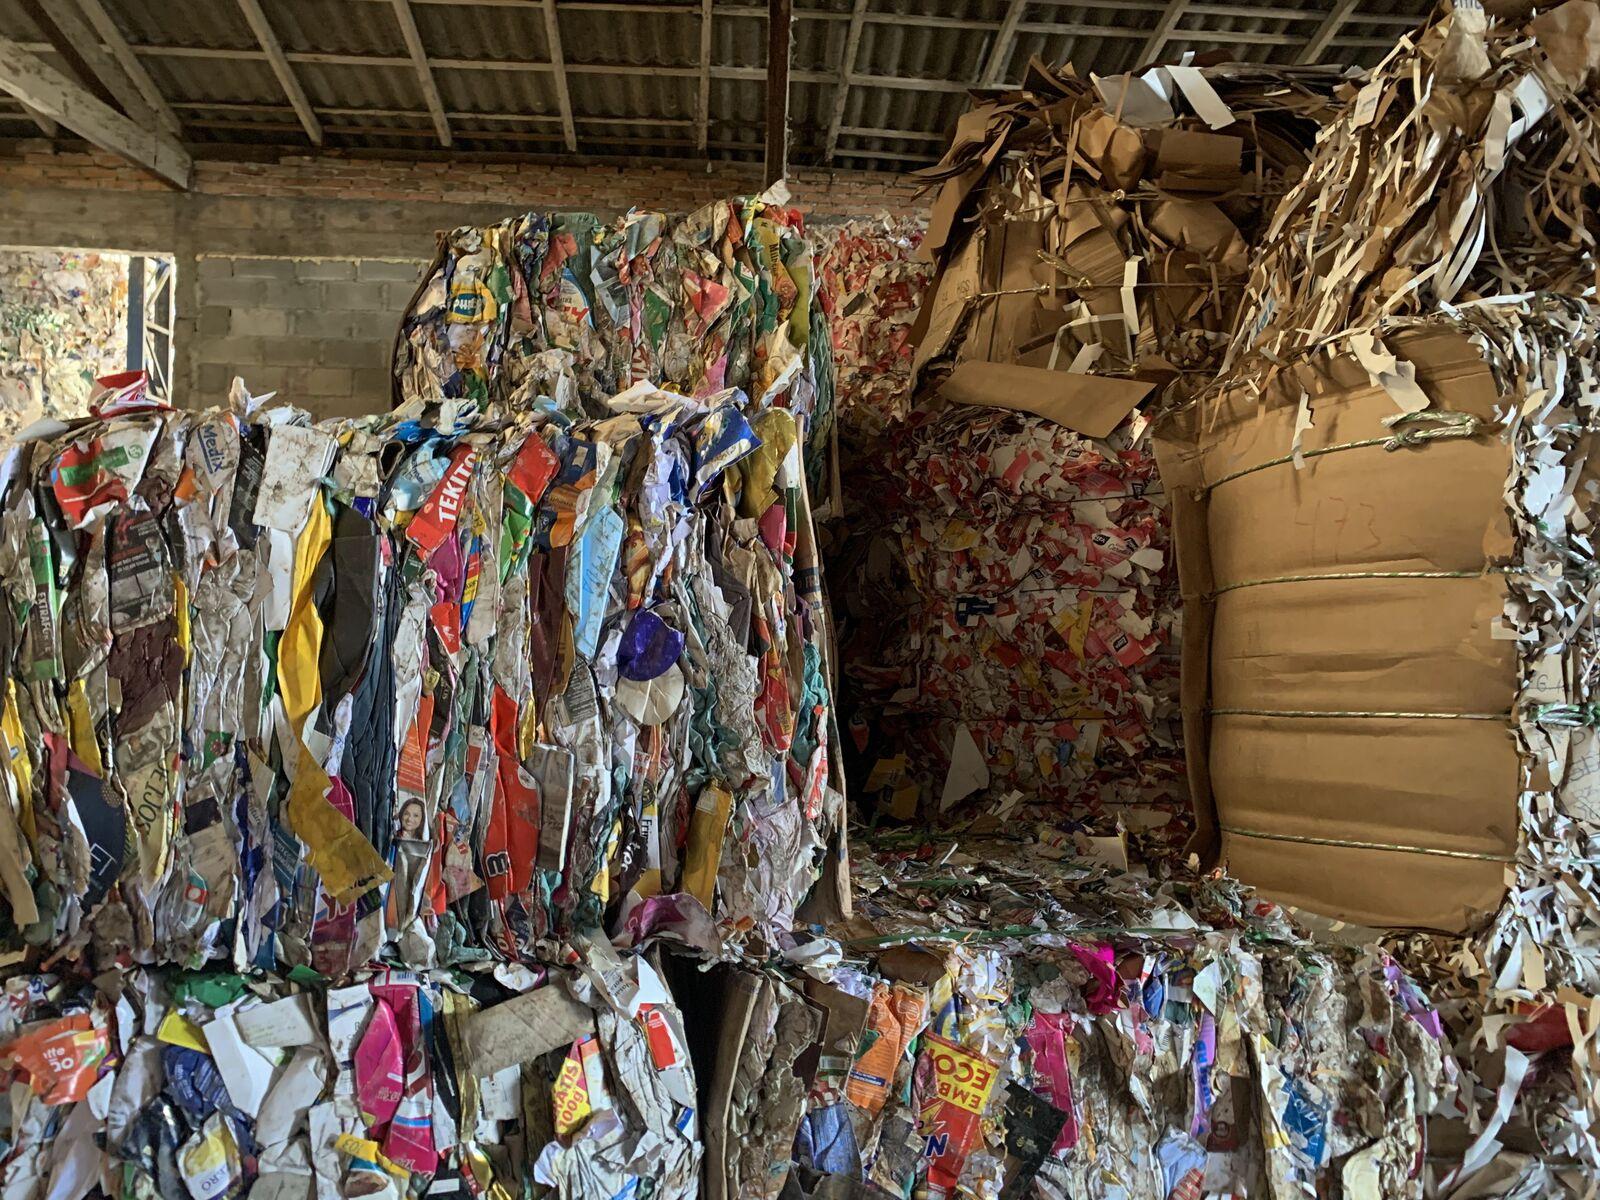 papel reciclado hörlle